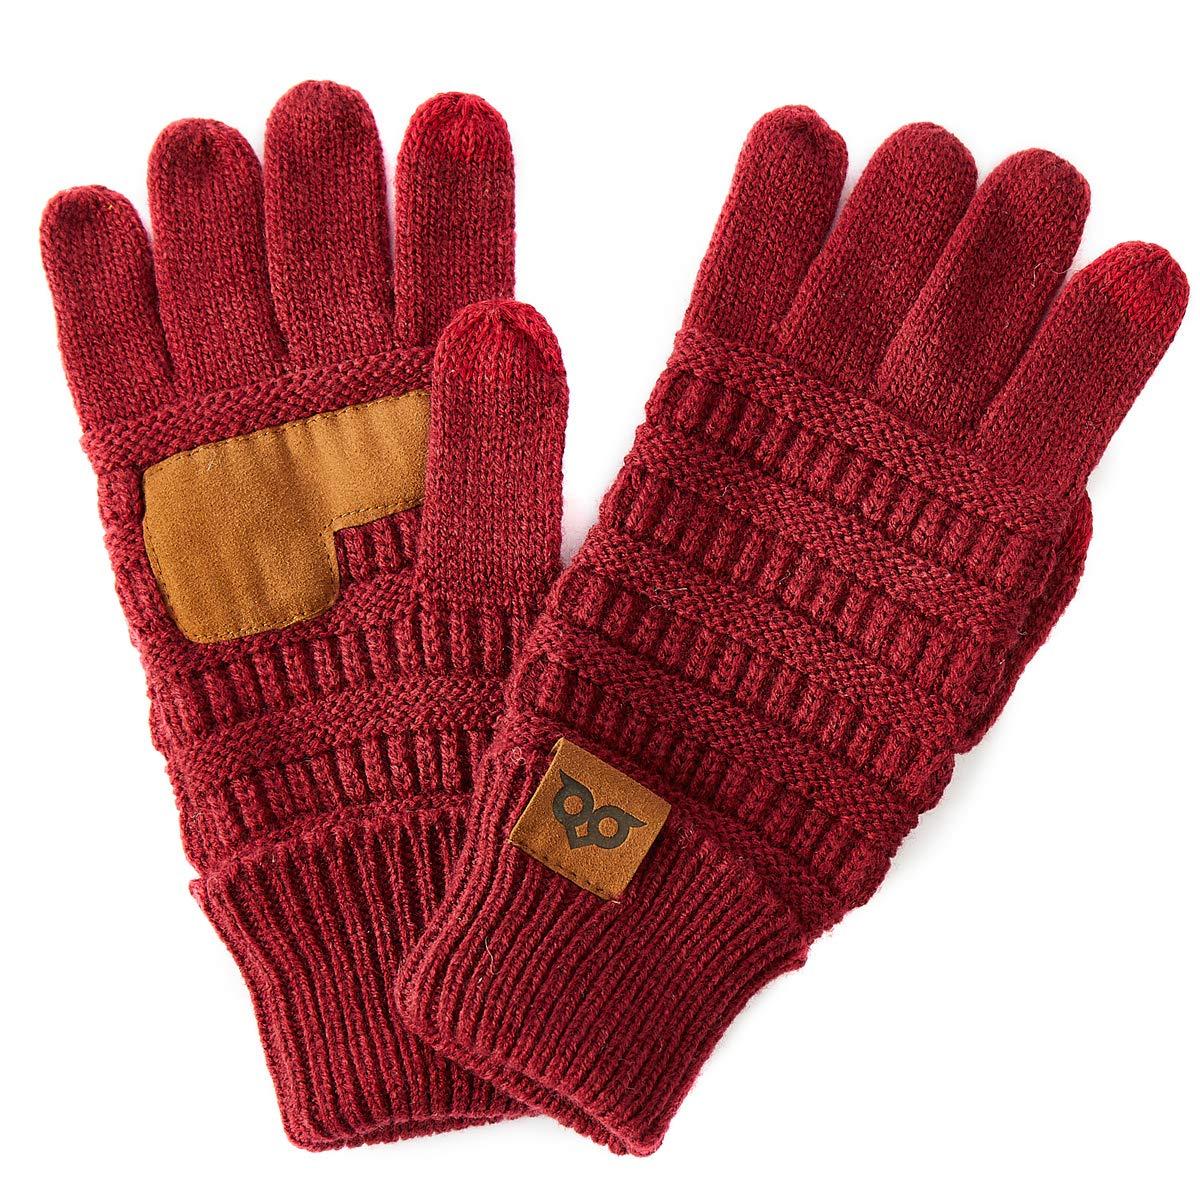 YOOWL Gloves Women Men Touchscreen Gloves Texting Warm Winter Knitted Full Finger Mittens Anti-Slip Unisex Gloves YOUS20